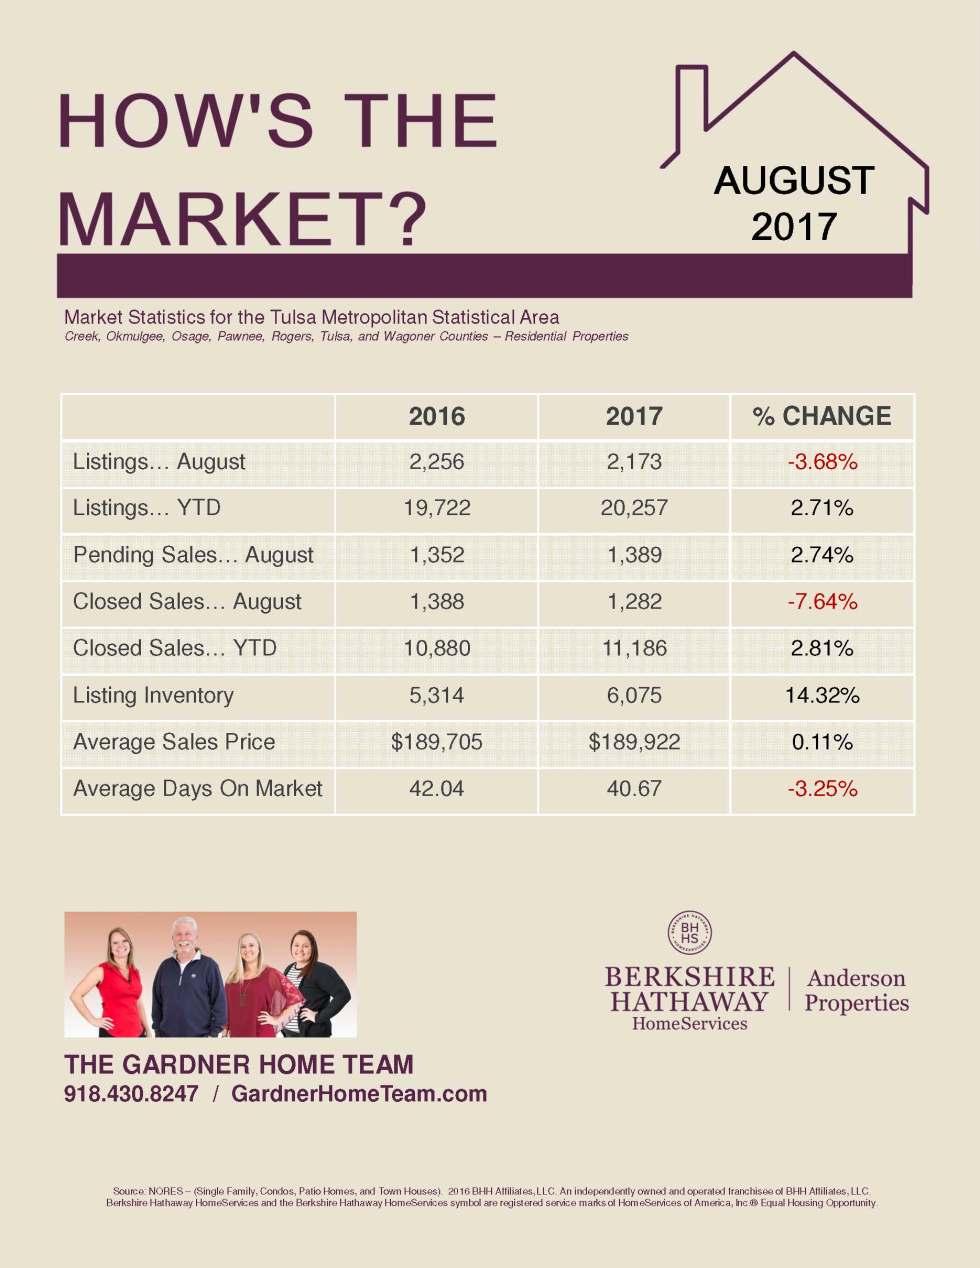 Market Update from Gardner Home Team[1]